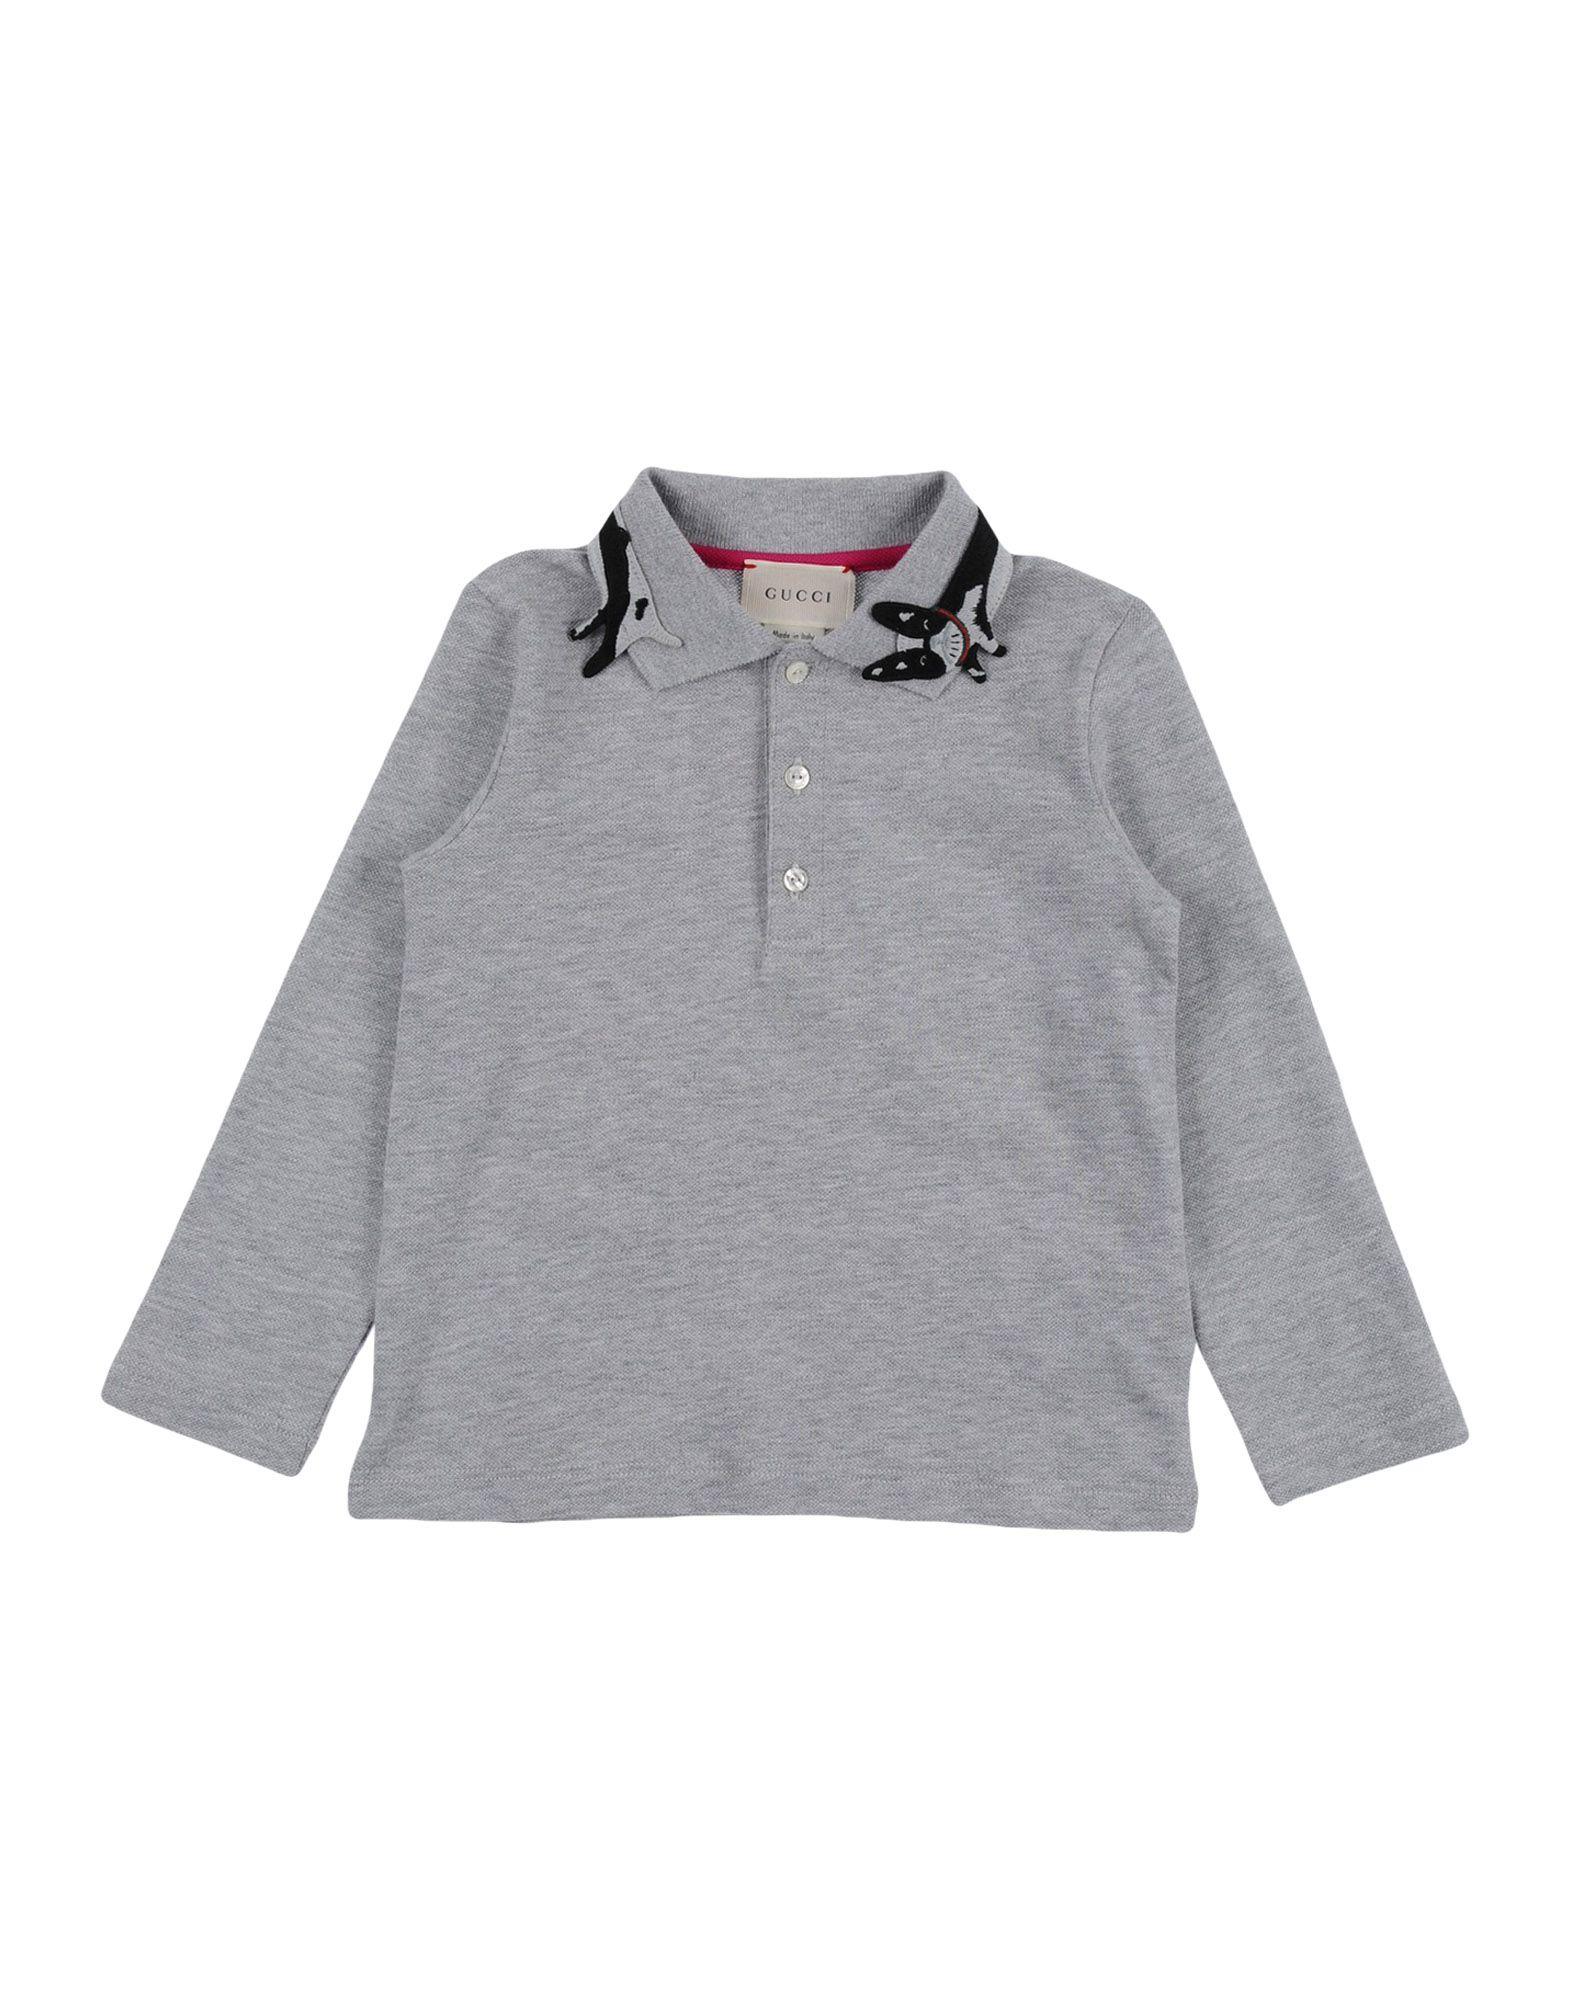 GUCCI | GUCCI Polo shirts | Goxip